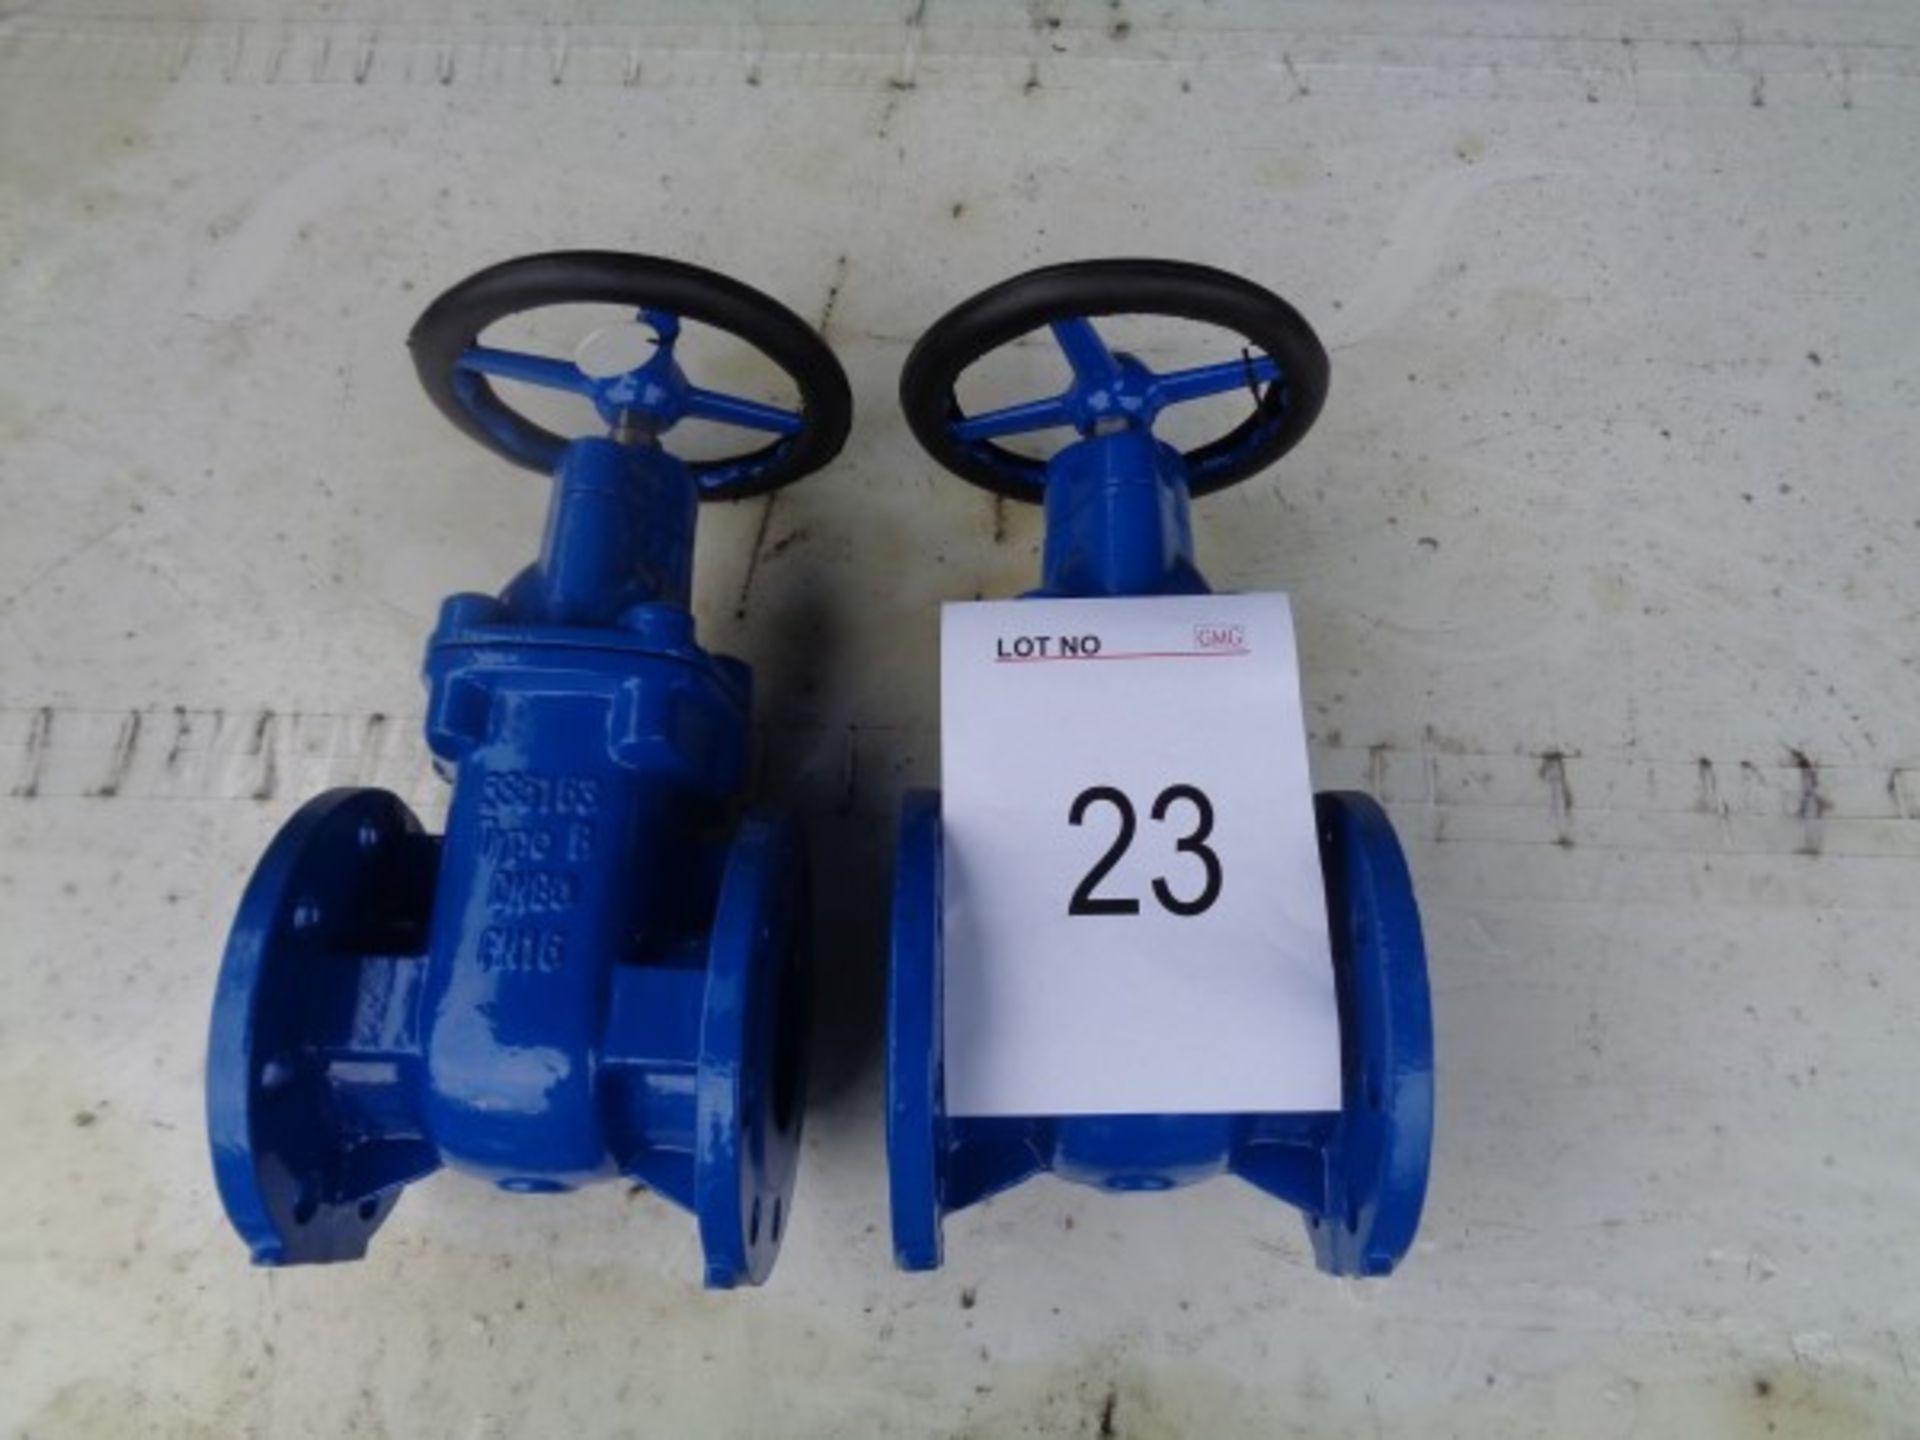 2 x BS5163 type B DN80 PN16 gate valves